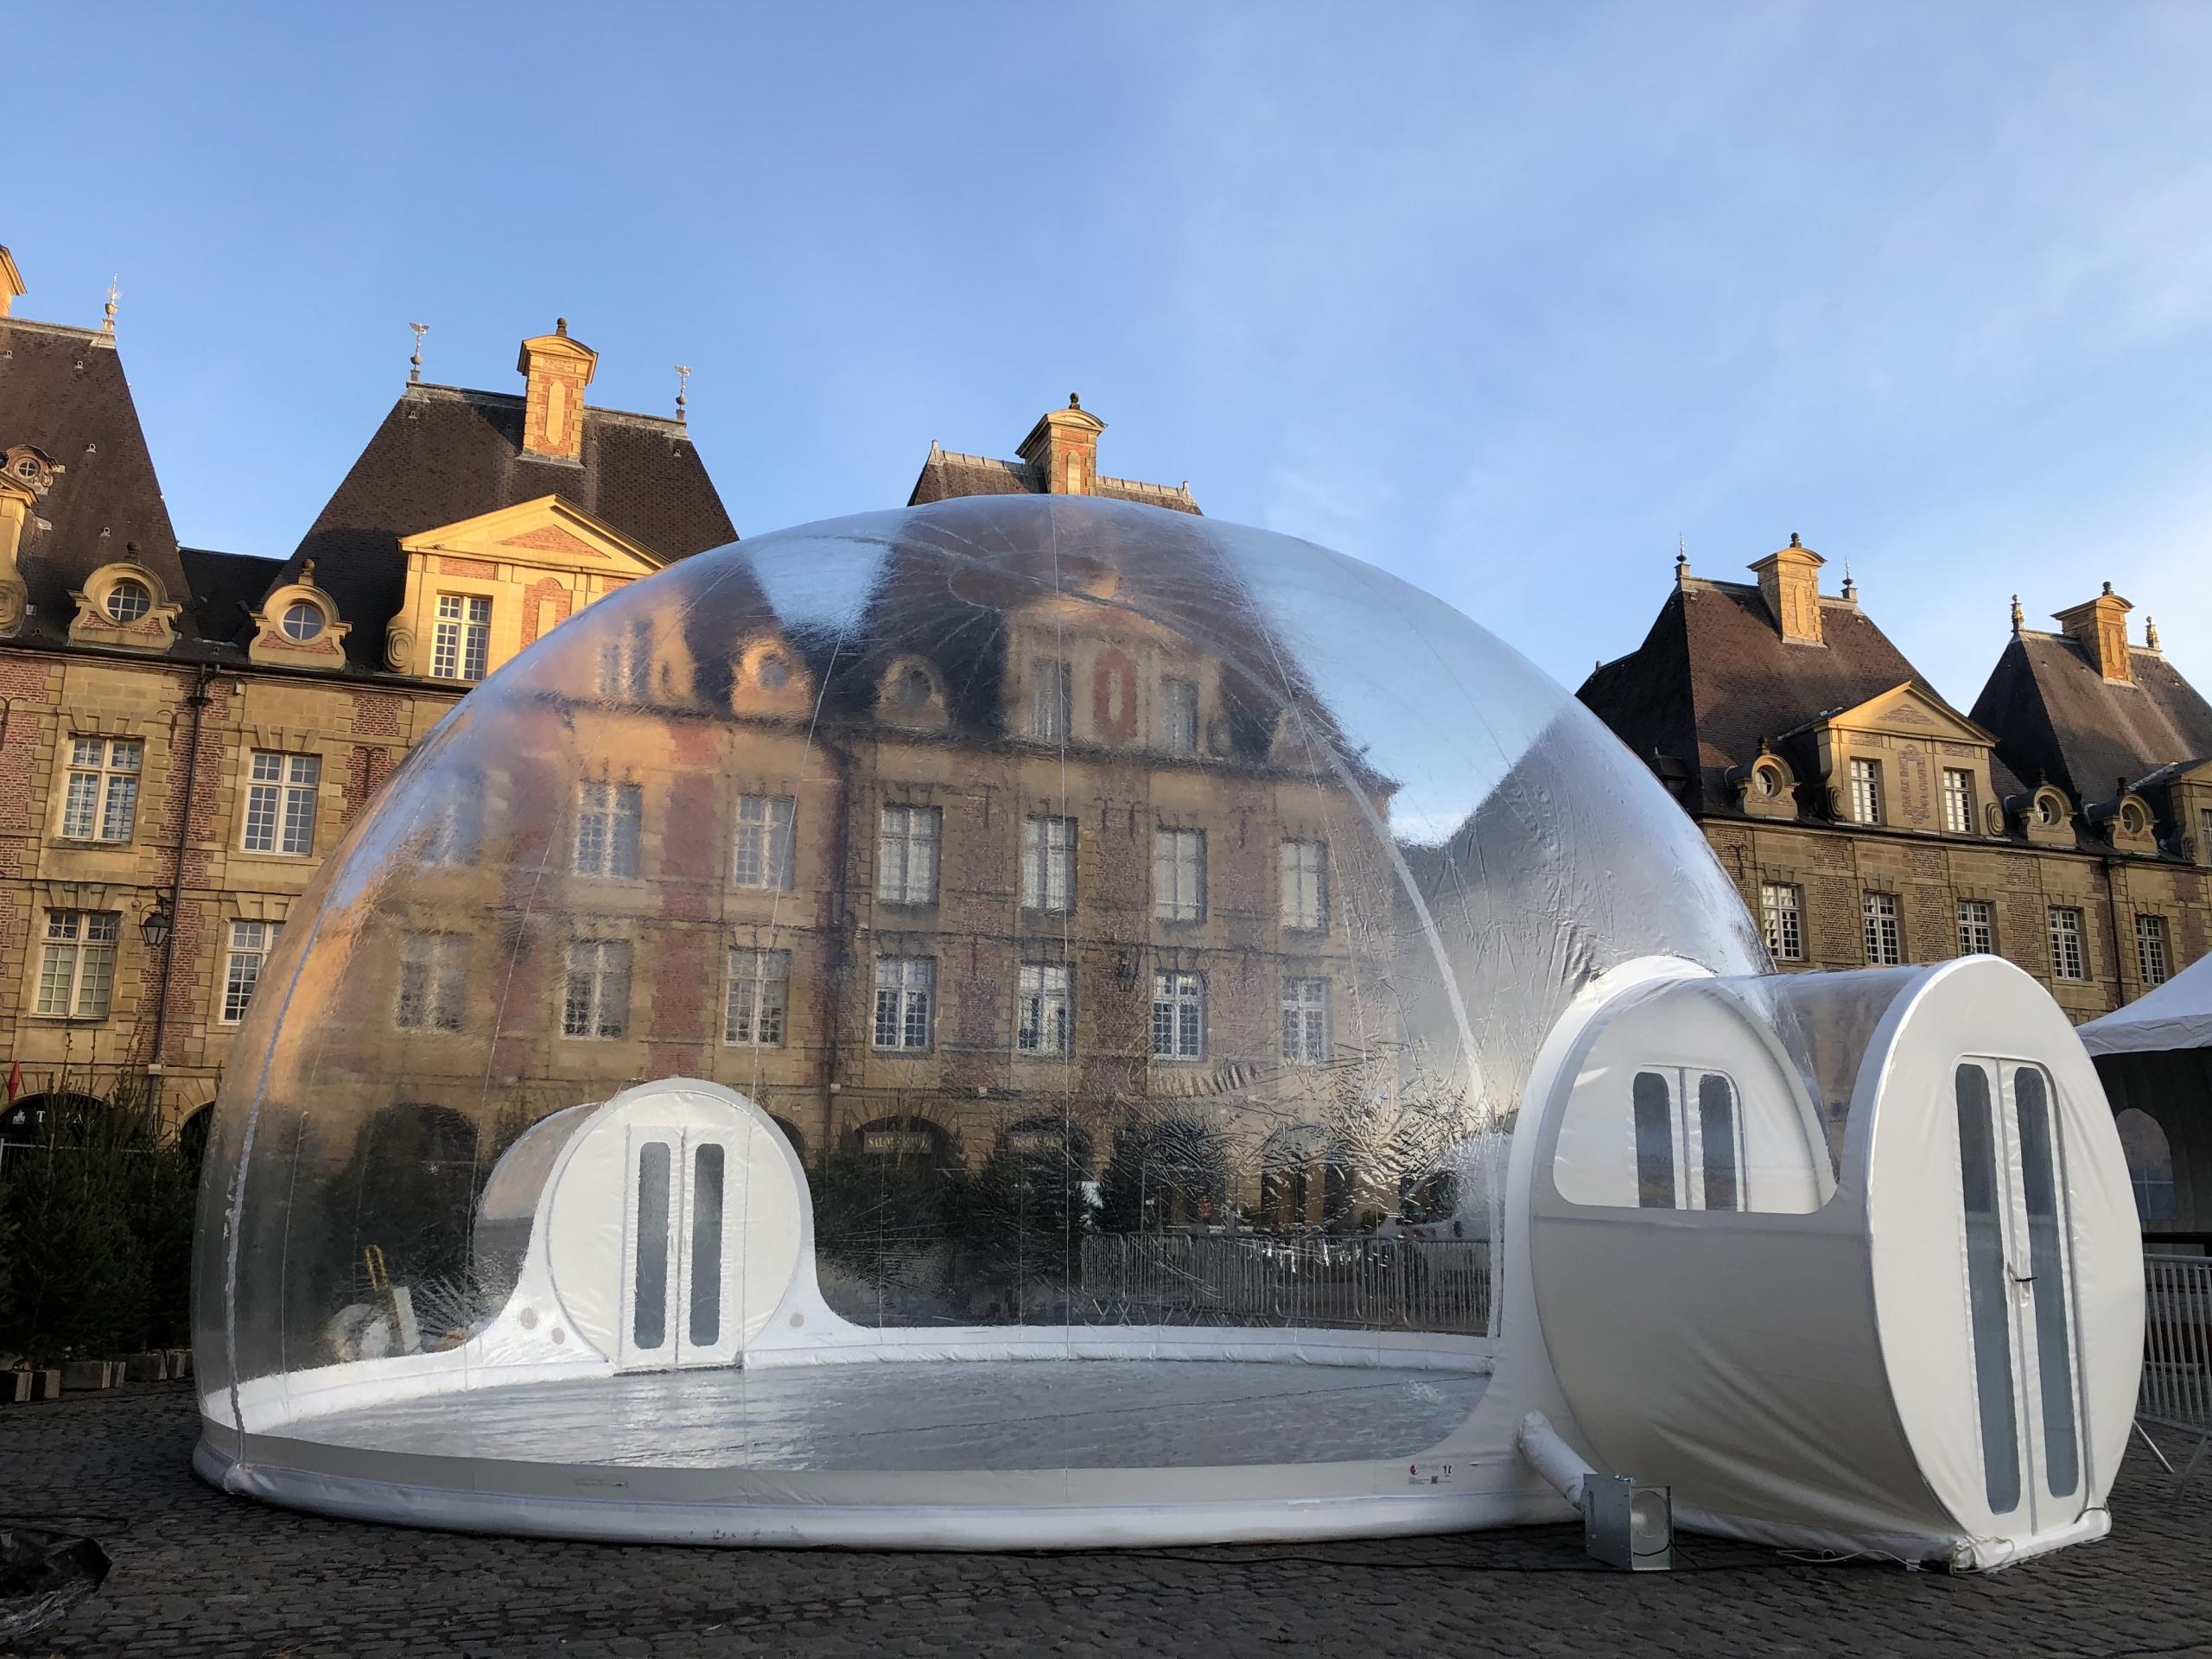 Un Igloo Gonflable De 10 Metres De Diametre A Charleville